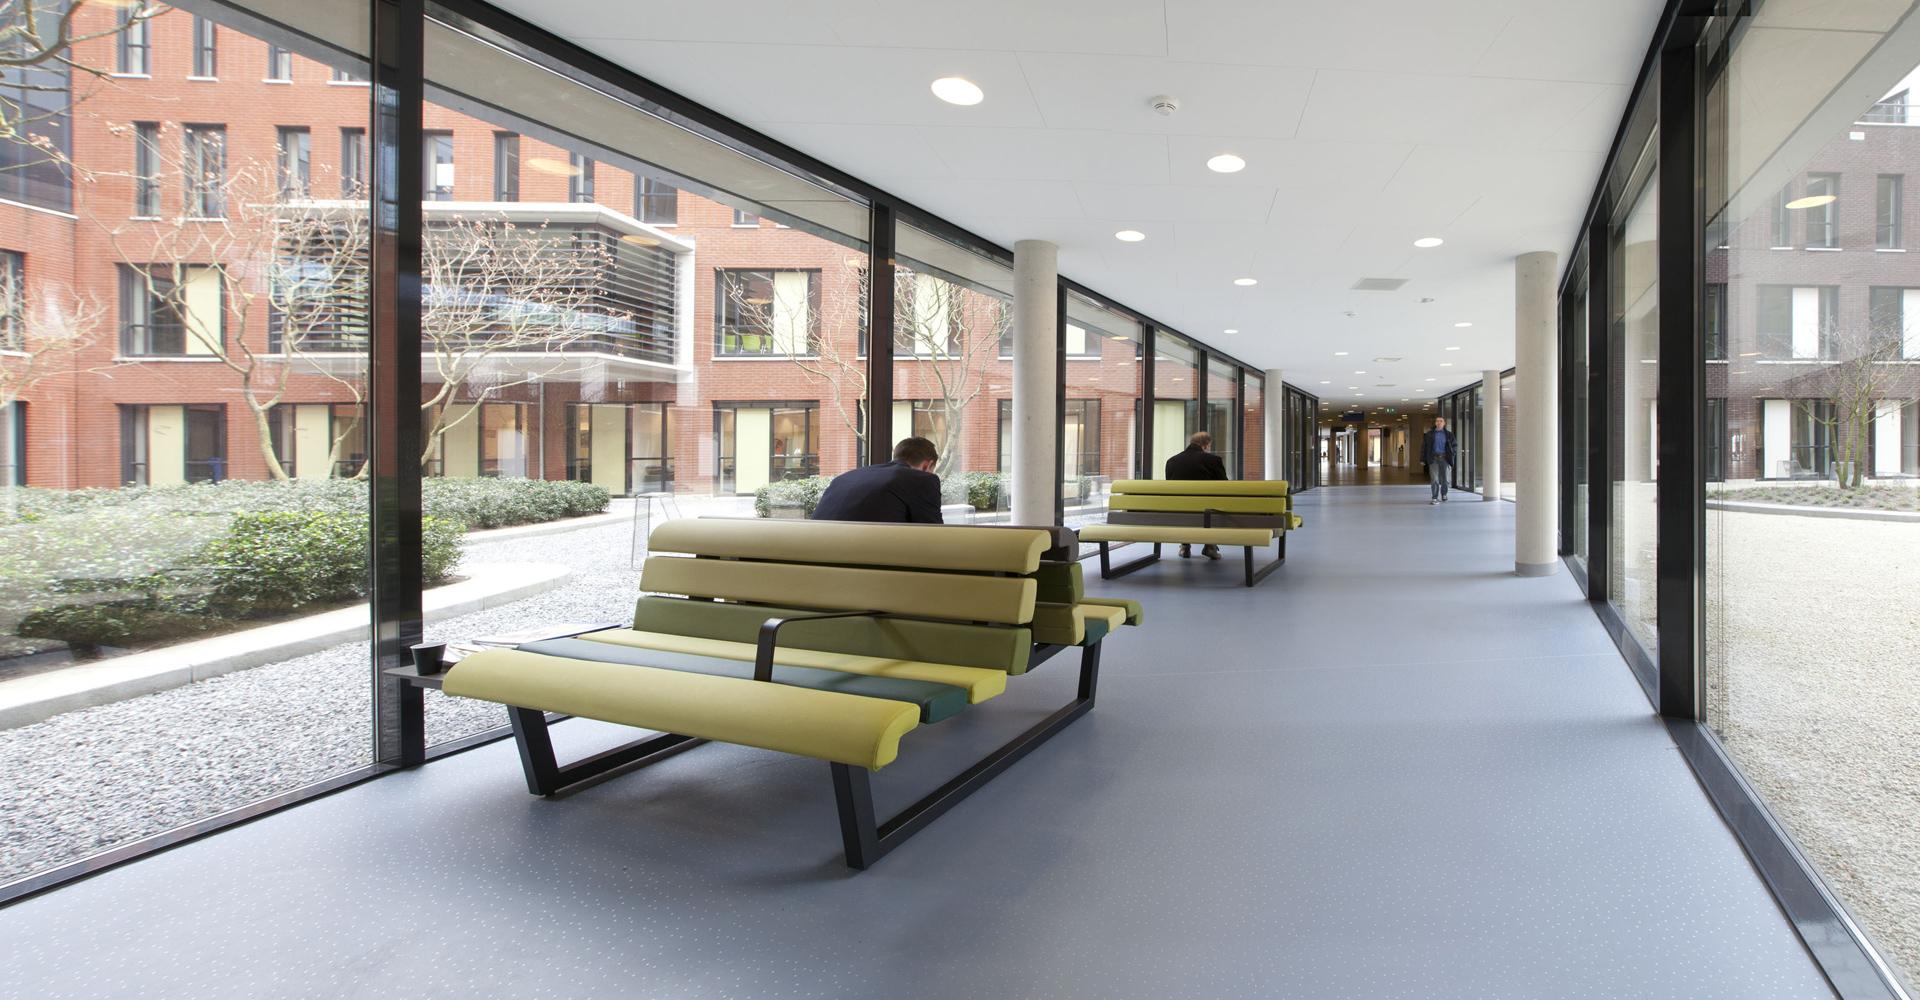 Ziekenhuisvloer wachtruimte